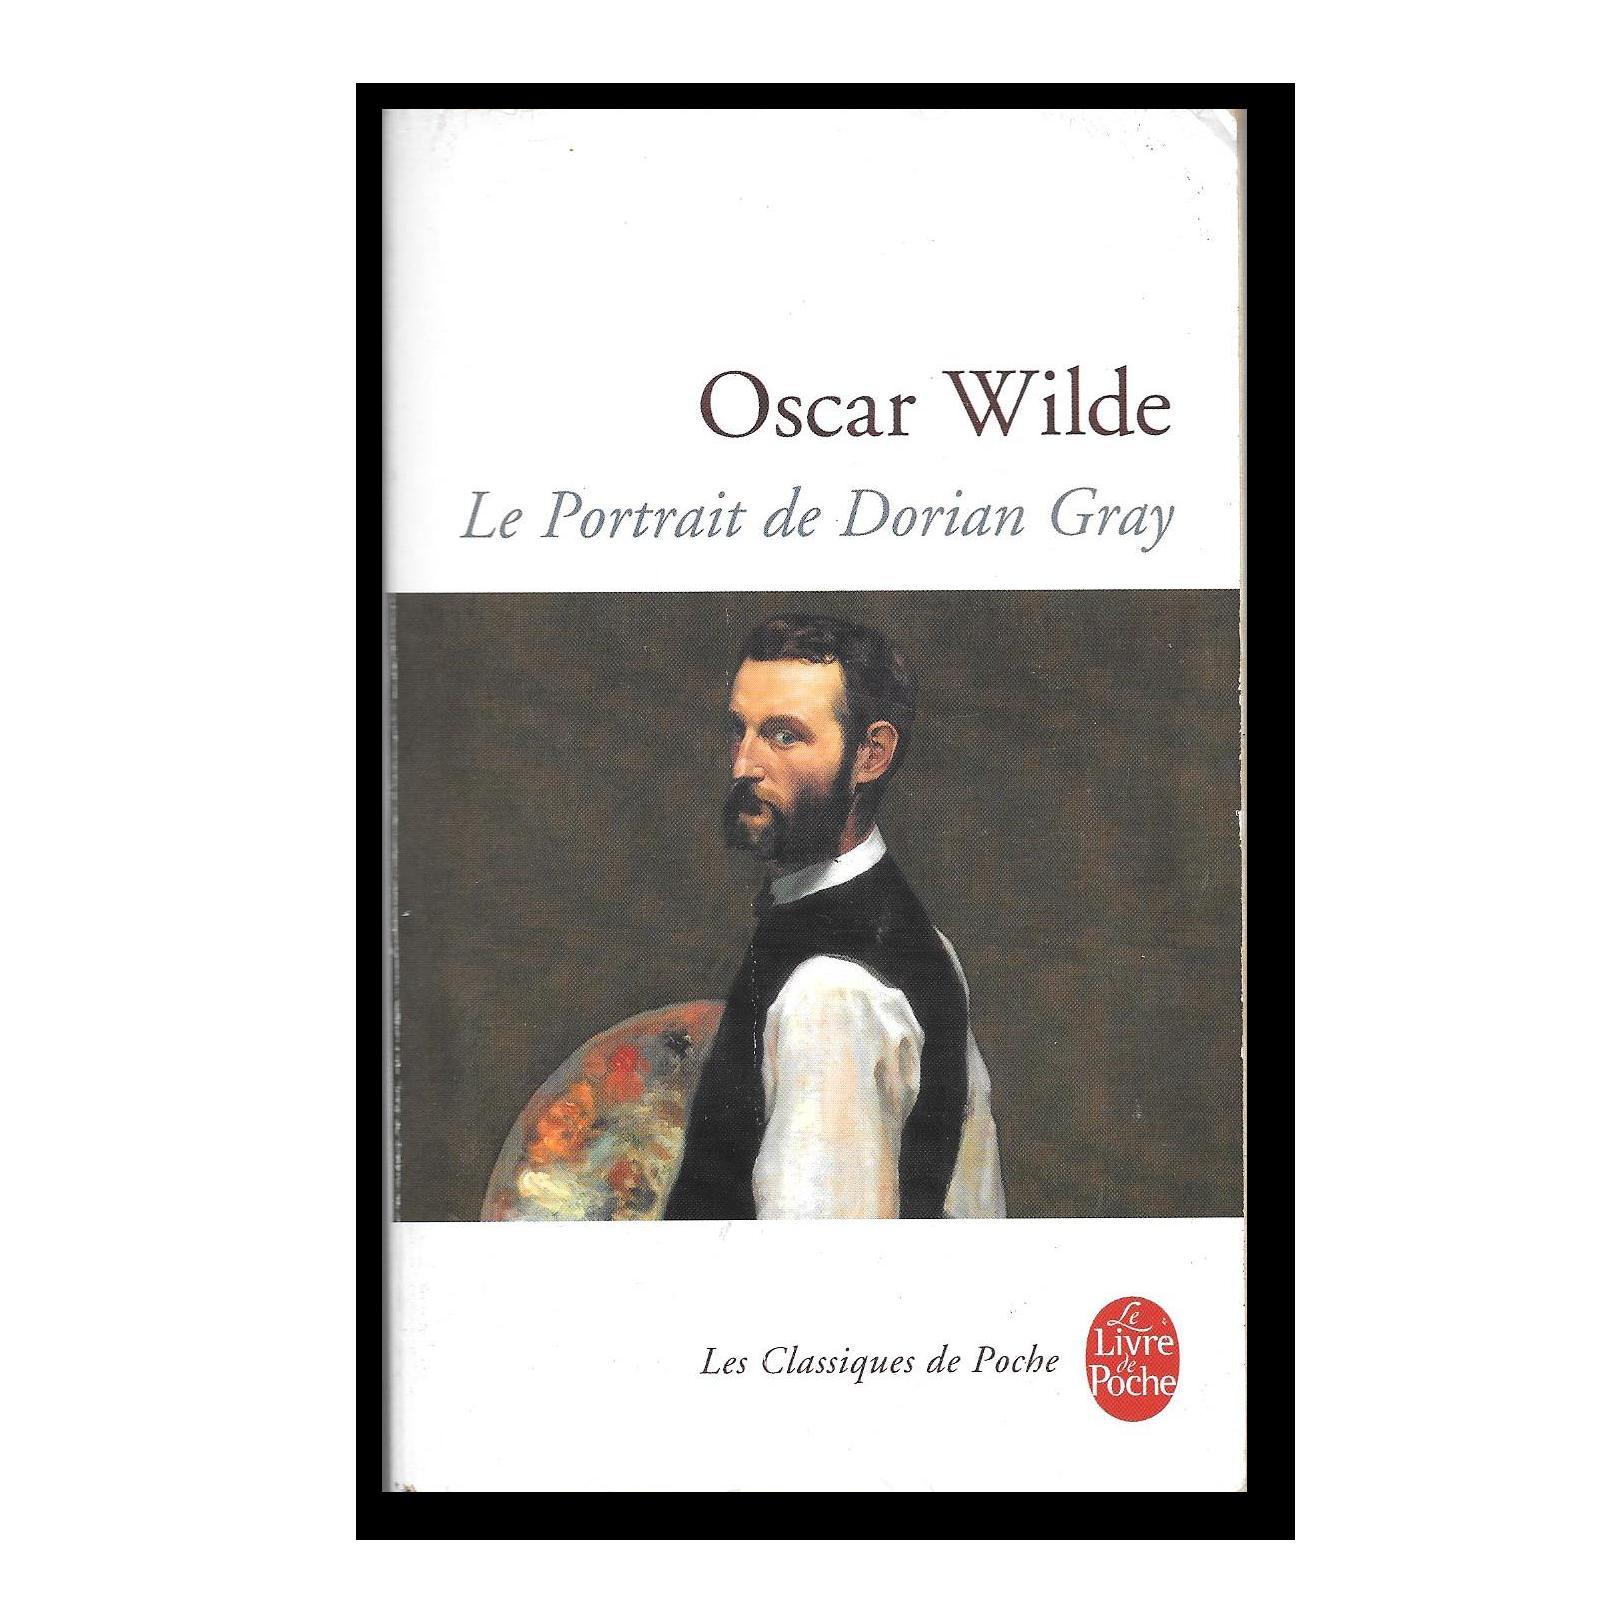 Découvrez « Le Portrait de Dorian Gray », classique de la fiction gothique, dandy et décadente, en format poche et bon état.